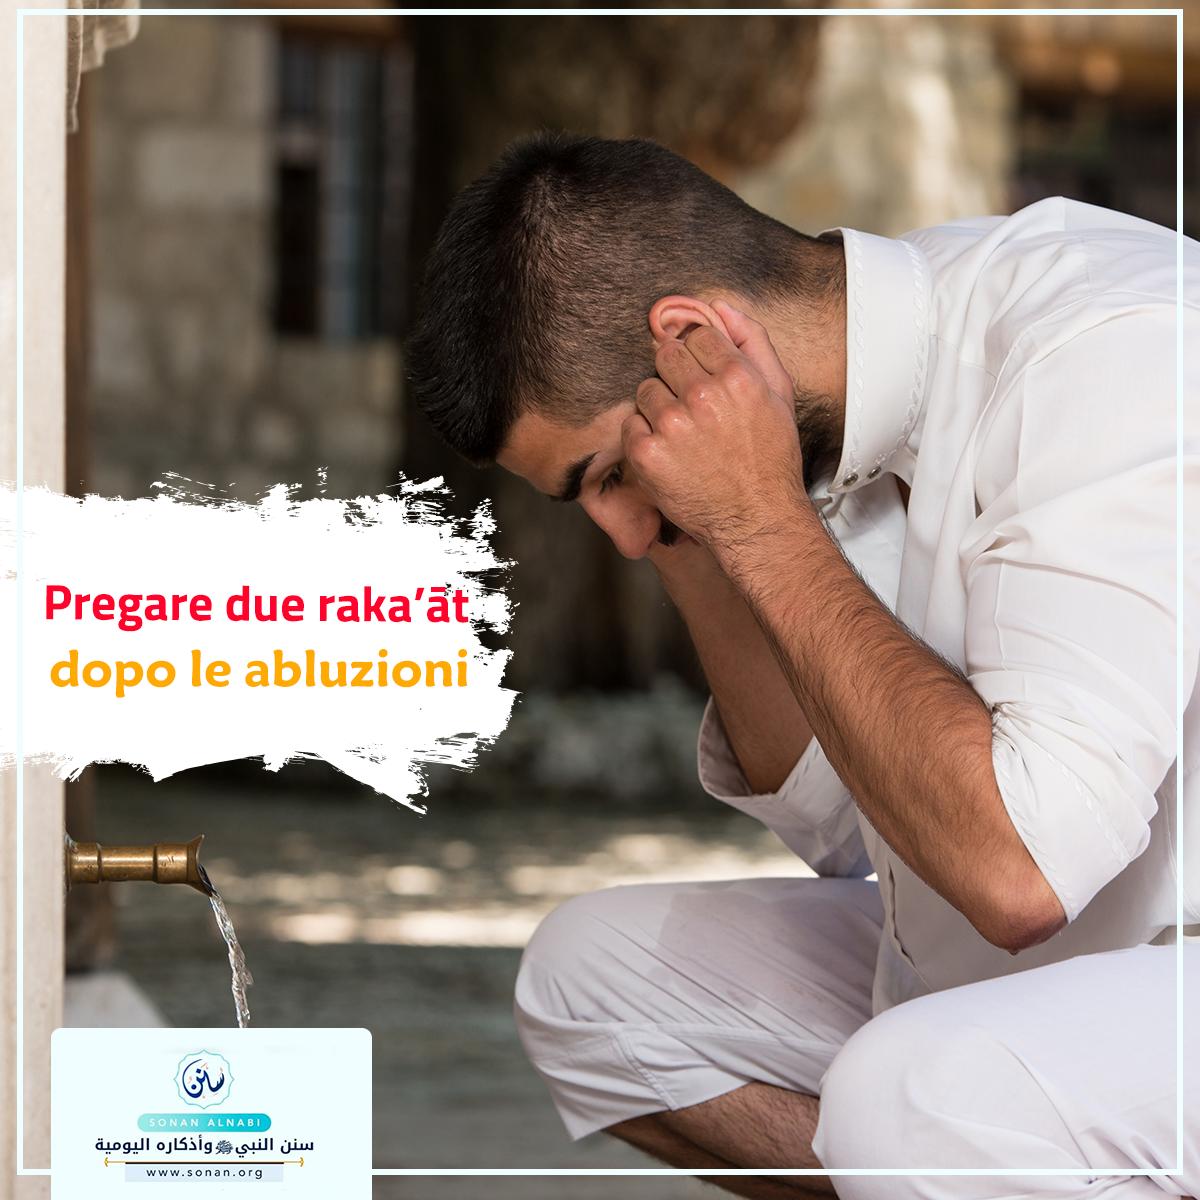 Pregare due raka'āt dopo le abluzioni